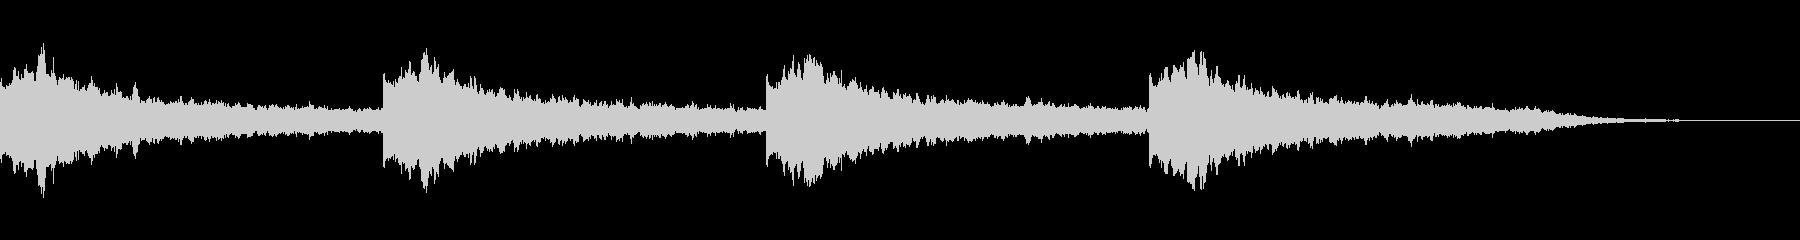 【幻想的】ヒーリング、ヨガ、自然癒し音楽の未再生の波形